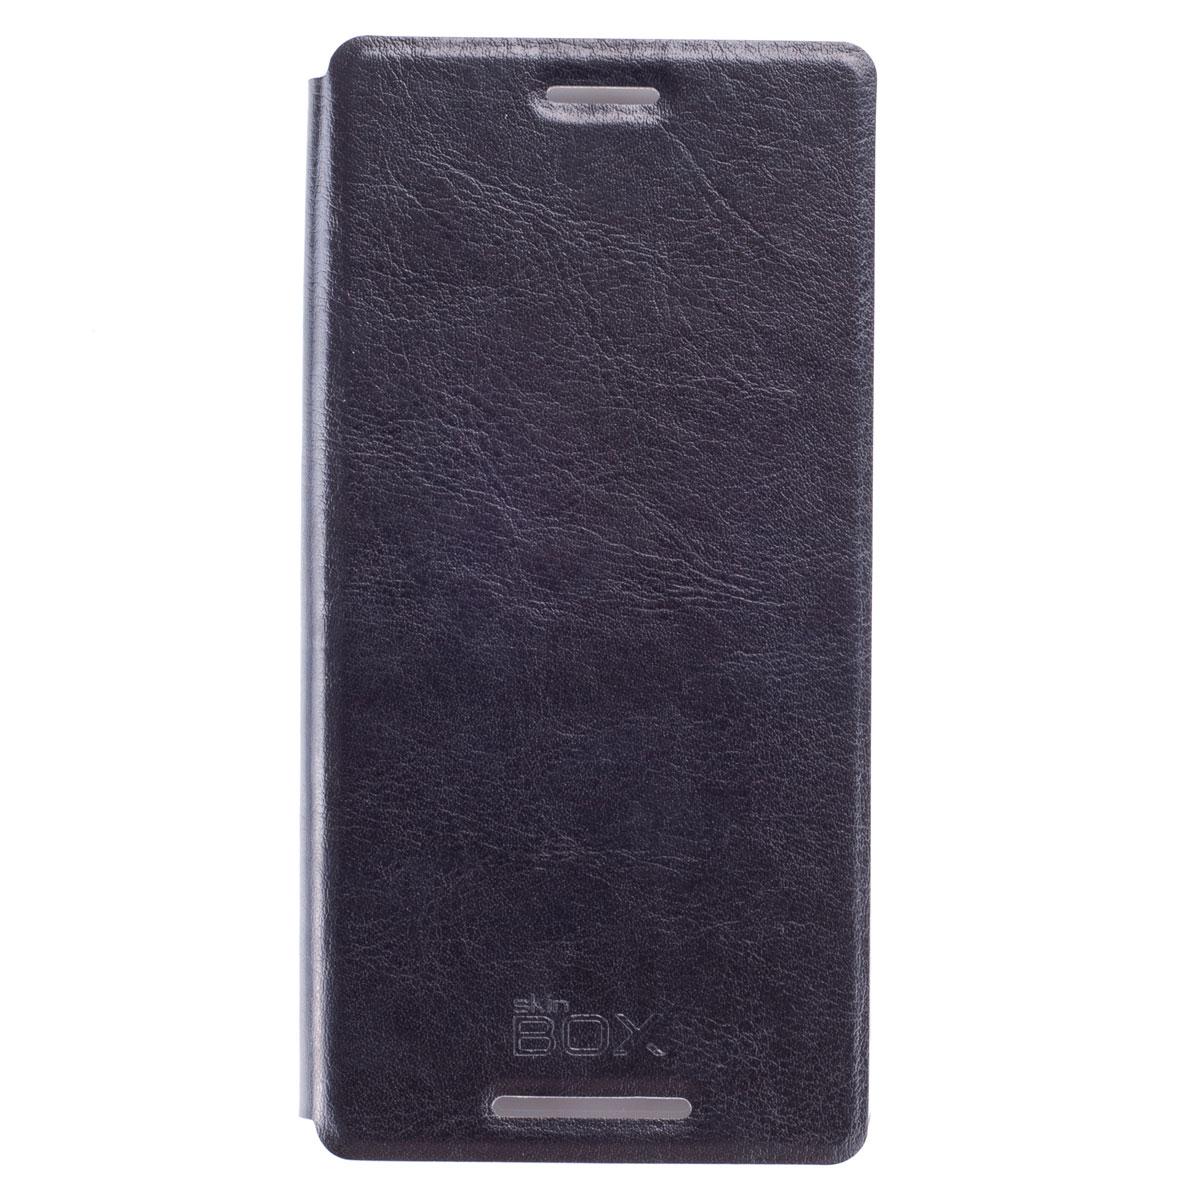 Skinbox Lux чехол для Sony Xperia Z3, BlackT-S-AXZ3-003Чехол Skinbox Lux выполнен из высококачественного поликарбоната и экокожи. Он обеспечивает надежную защиту корпуса и экрана смартфона и надолго сохраняет его привлекательный внешний вид. Чехол также обеспечивает свободный доступ ко всем разъемам и клавишам устройства.